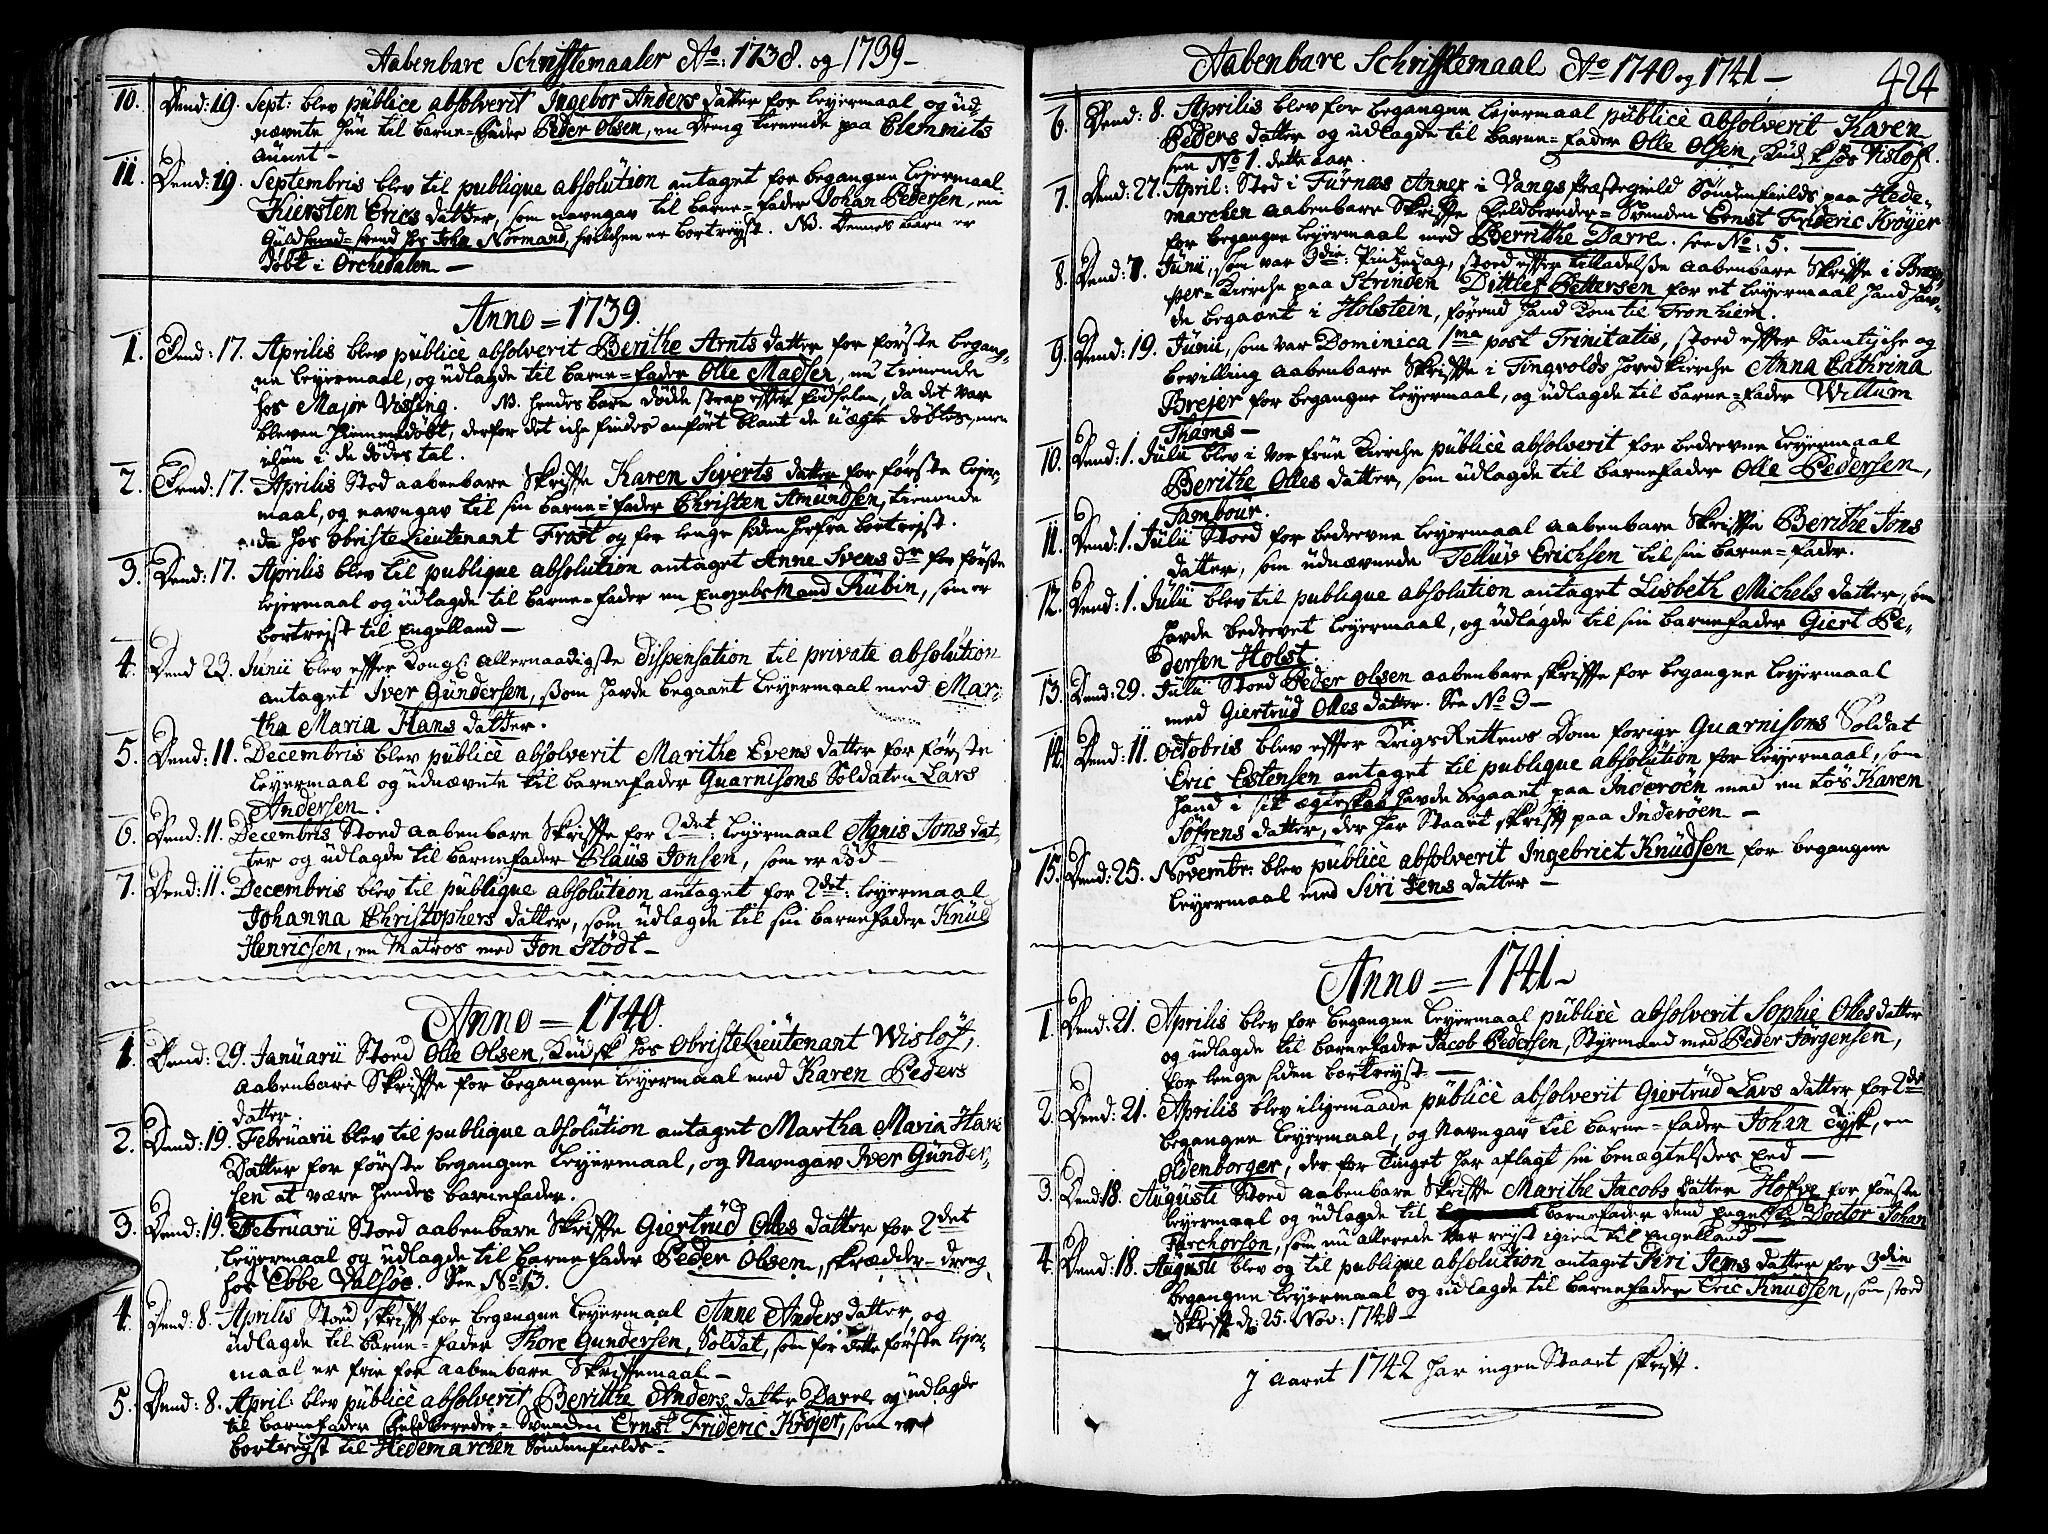 SAT, Ministerialprotokoller, klokkerbøker og fødselsregistre - Sør-Trøndelag, 602/L0103: Ministerialbok nr. 602A01, 1732-1774, s. 424